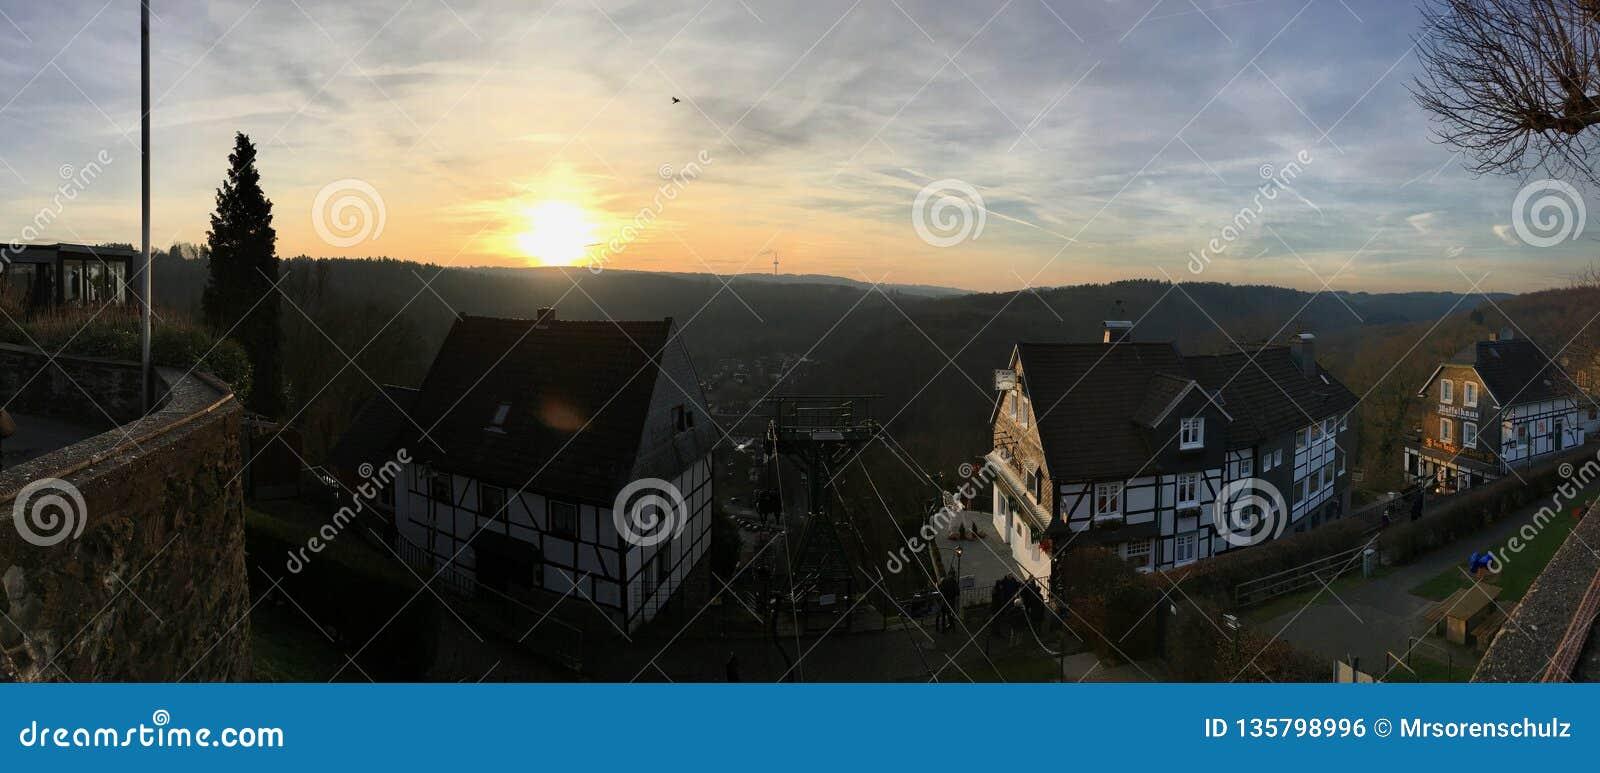 Panorama Chairlift Seilbahn przy Grodowym Burg w Solingen z pięknym widokiem w słońce secie